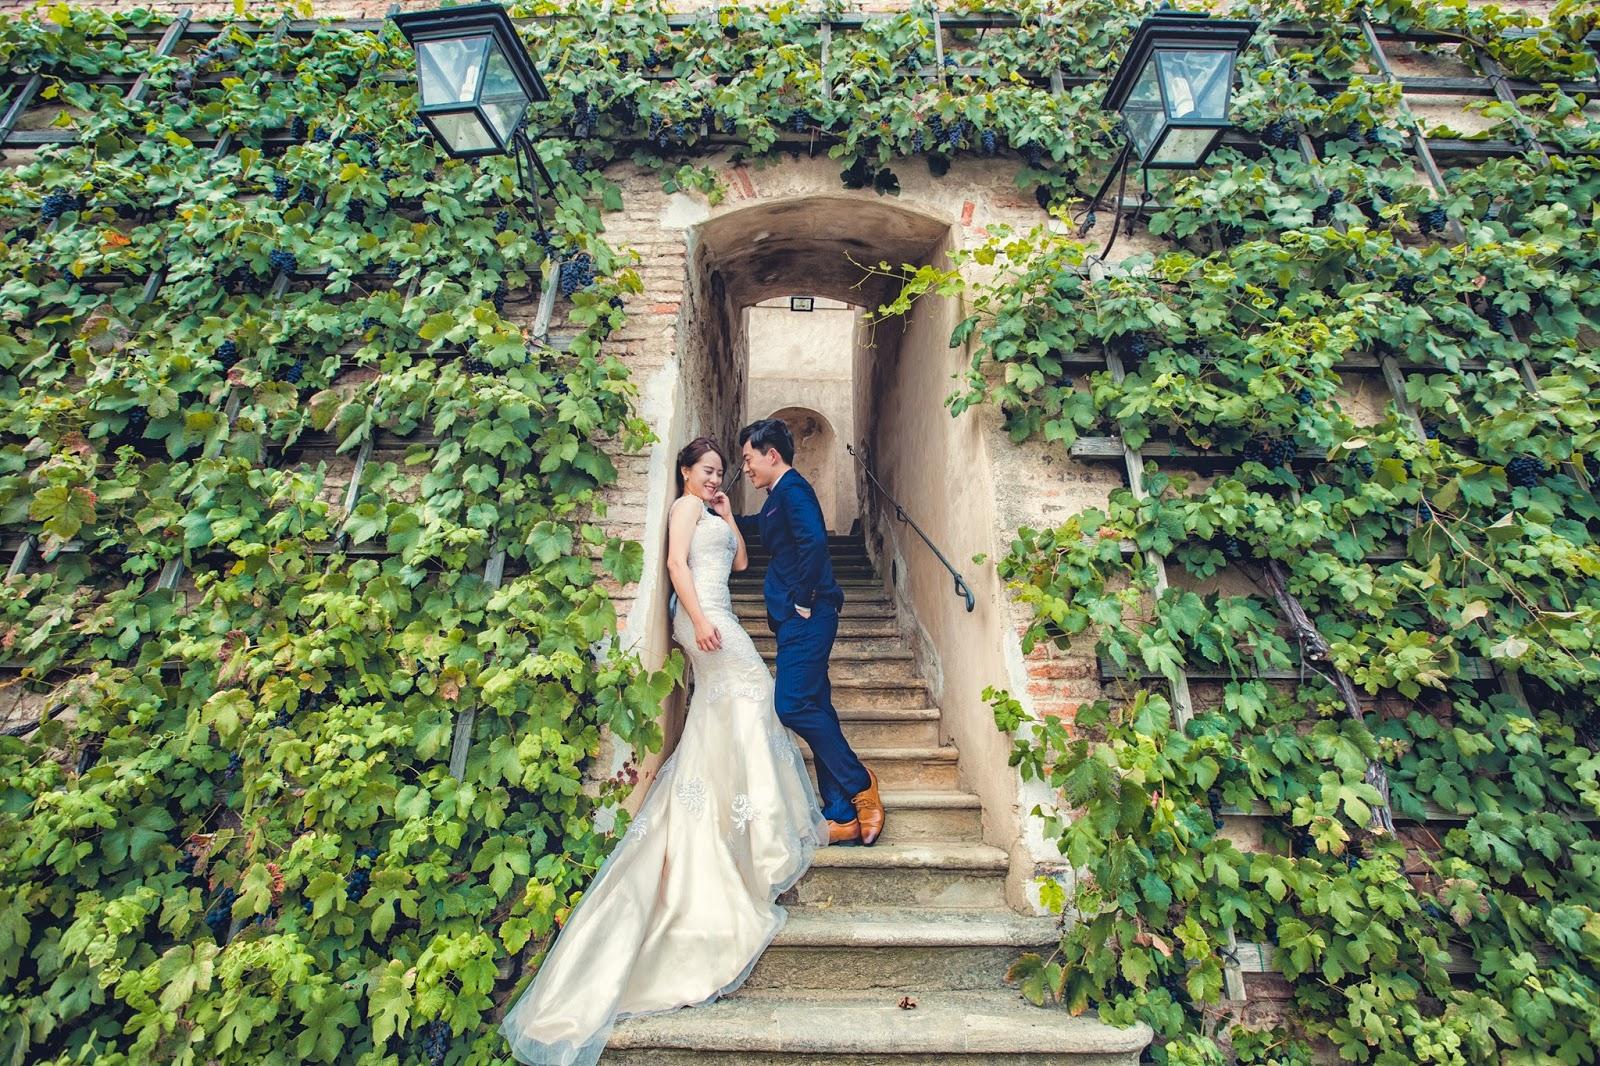 Pargue布拉格婚紗,海外婚紗,布拉格自助遊,布拉格葡萄園